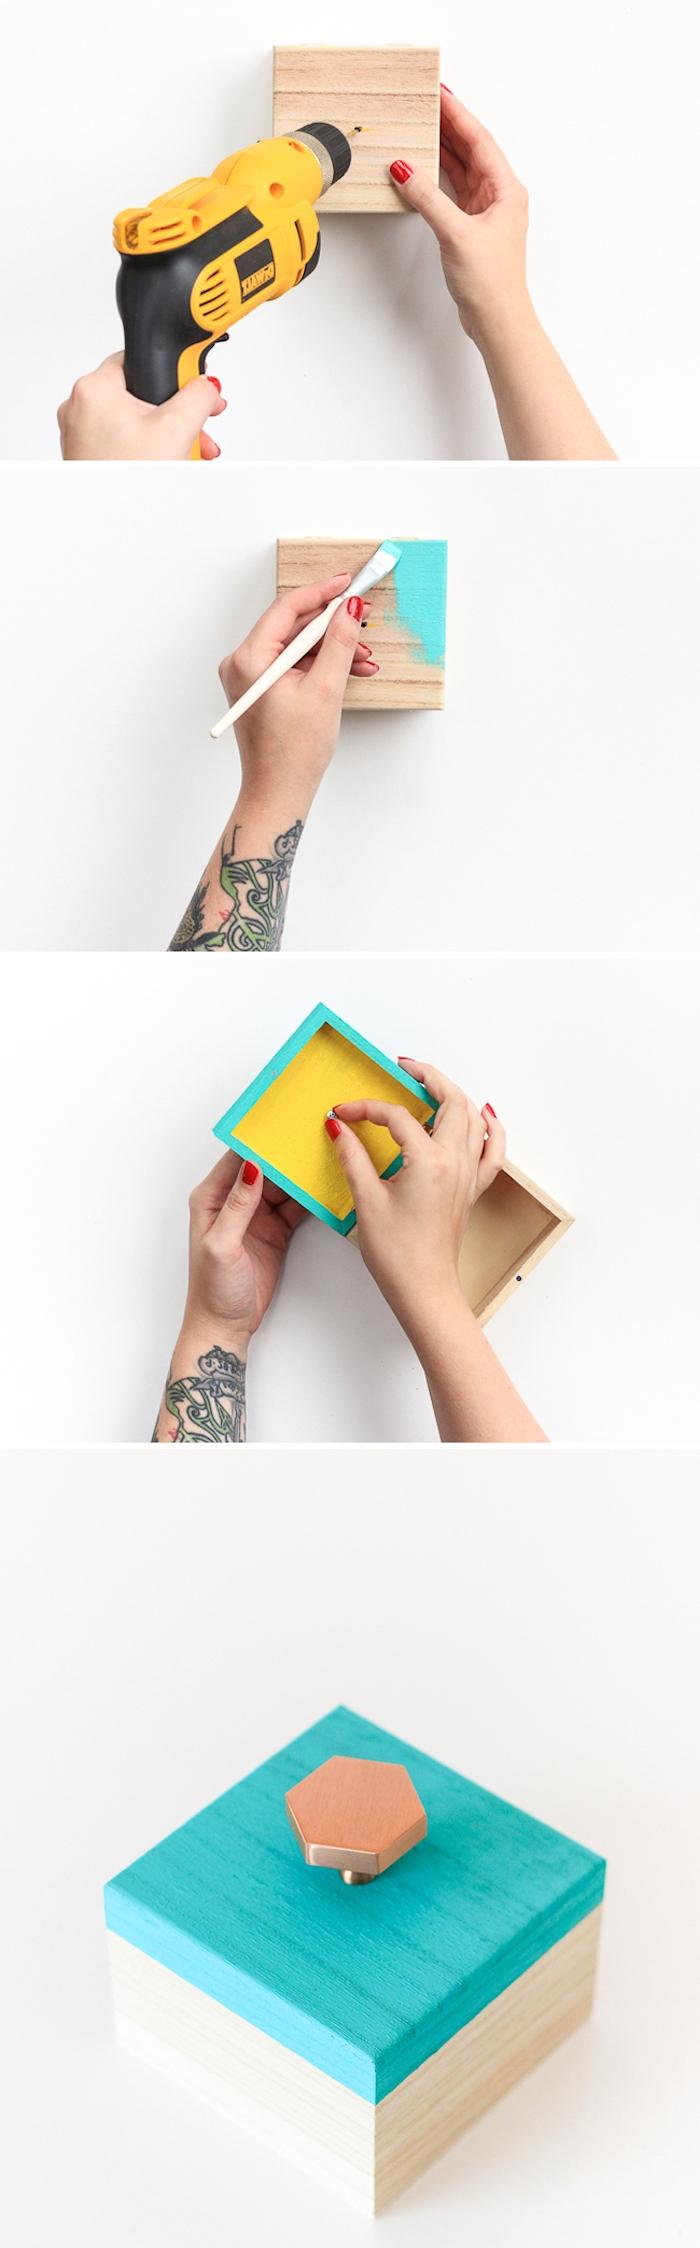 exemple comment fabriquer une boite a bijoux soi meme, cadeau pour la fête des mères a fabriquer